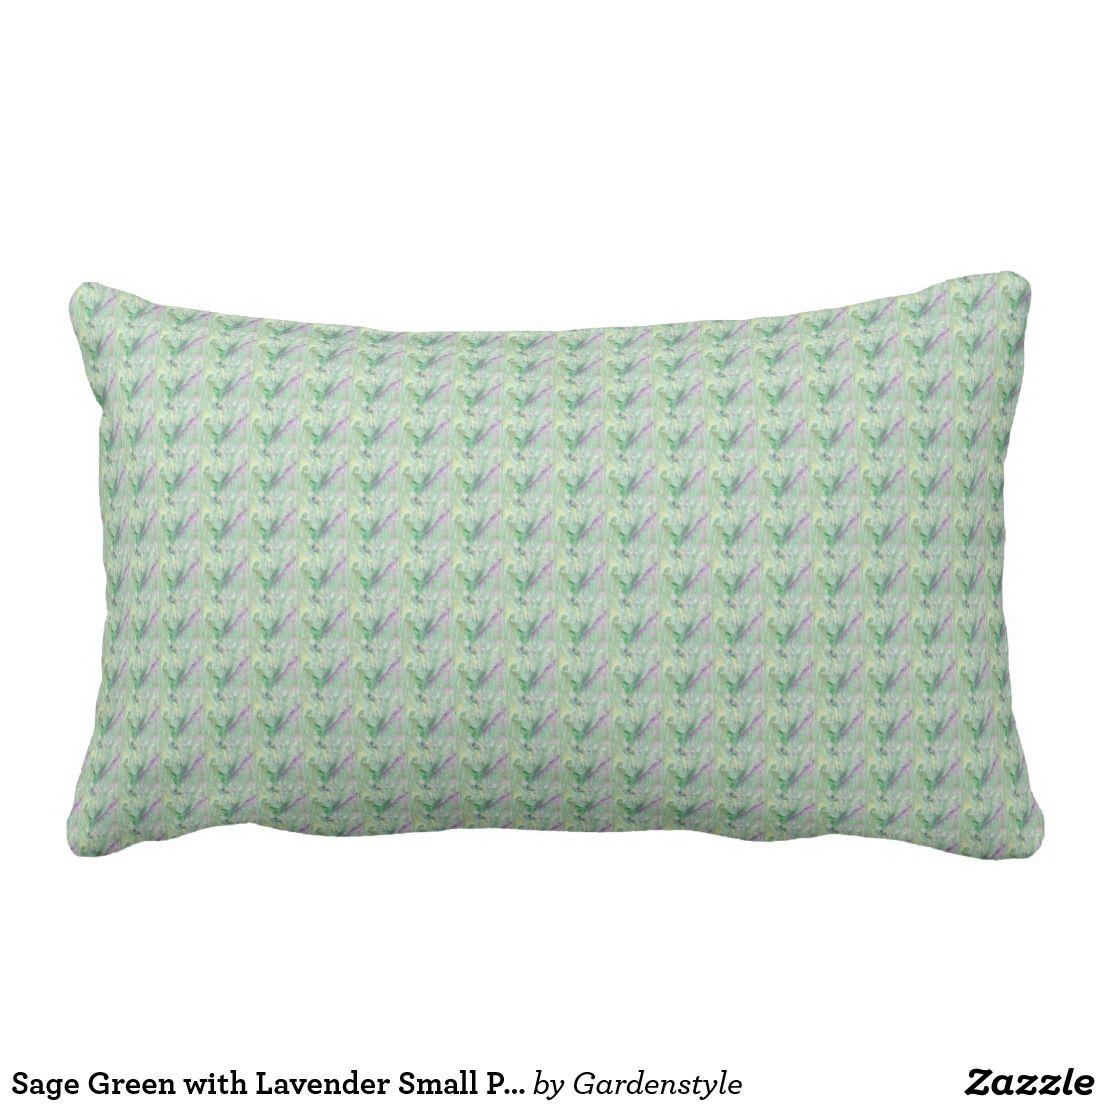 Sage Green With Lavender Small Print Lumbar Pillow Zazzle Com Pillows Throw Pillows Decorative Throw Pillows